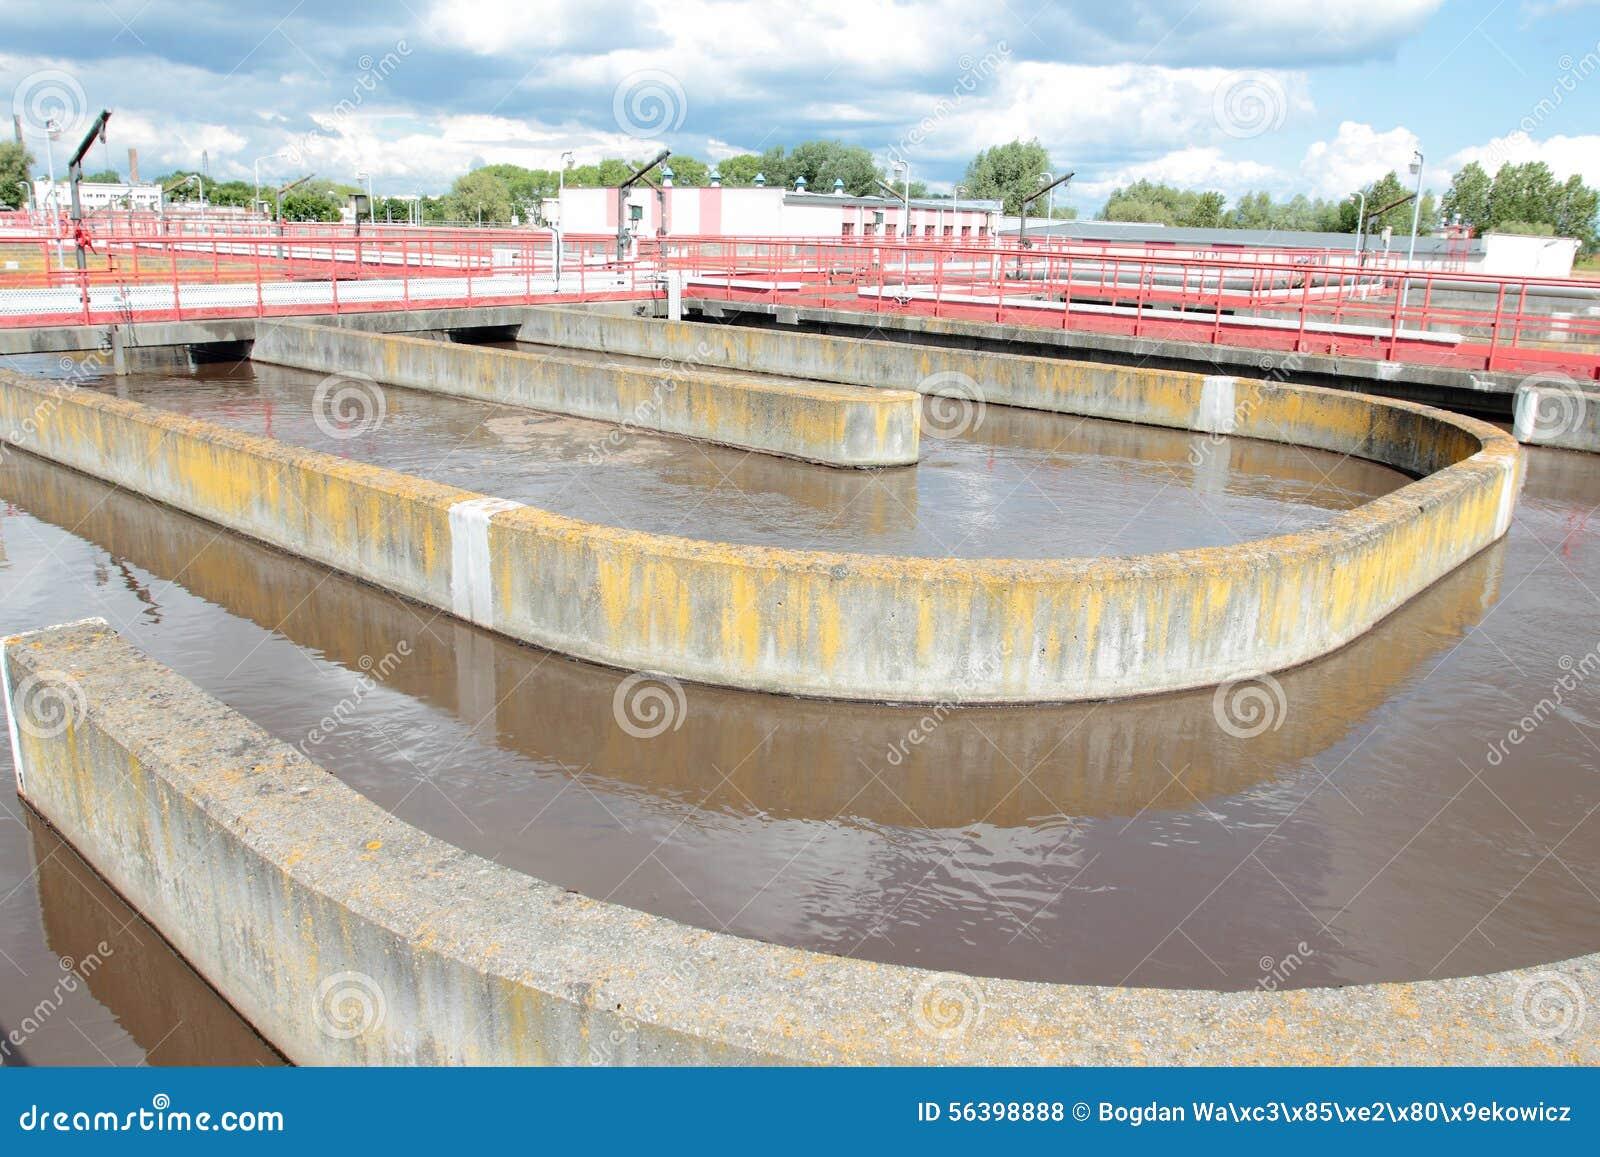 Piscinas con aguas residuales foto de archivo imagen de for Piscina alcantarilla